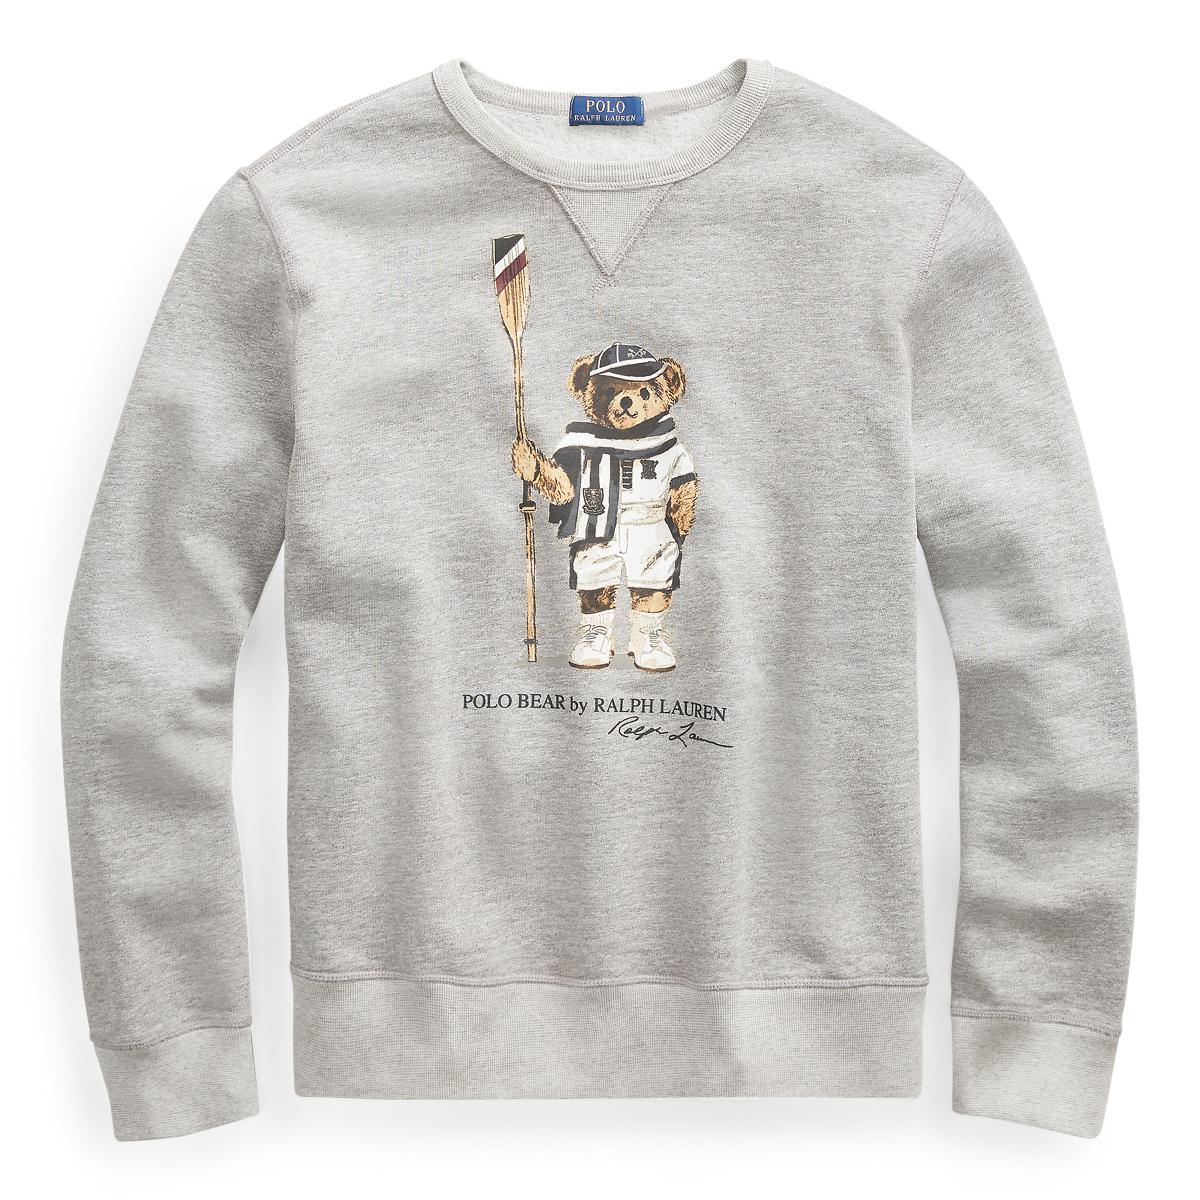 02dcd1f32 Polo Bear Fleece Sweatshirt